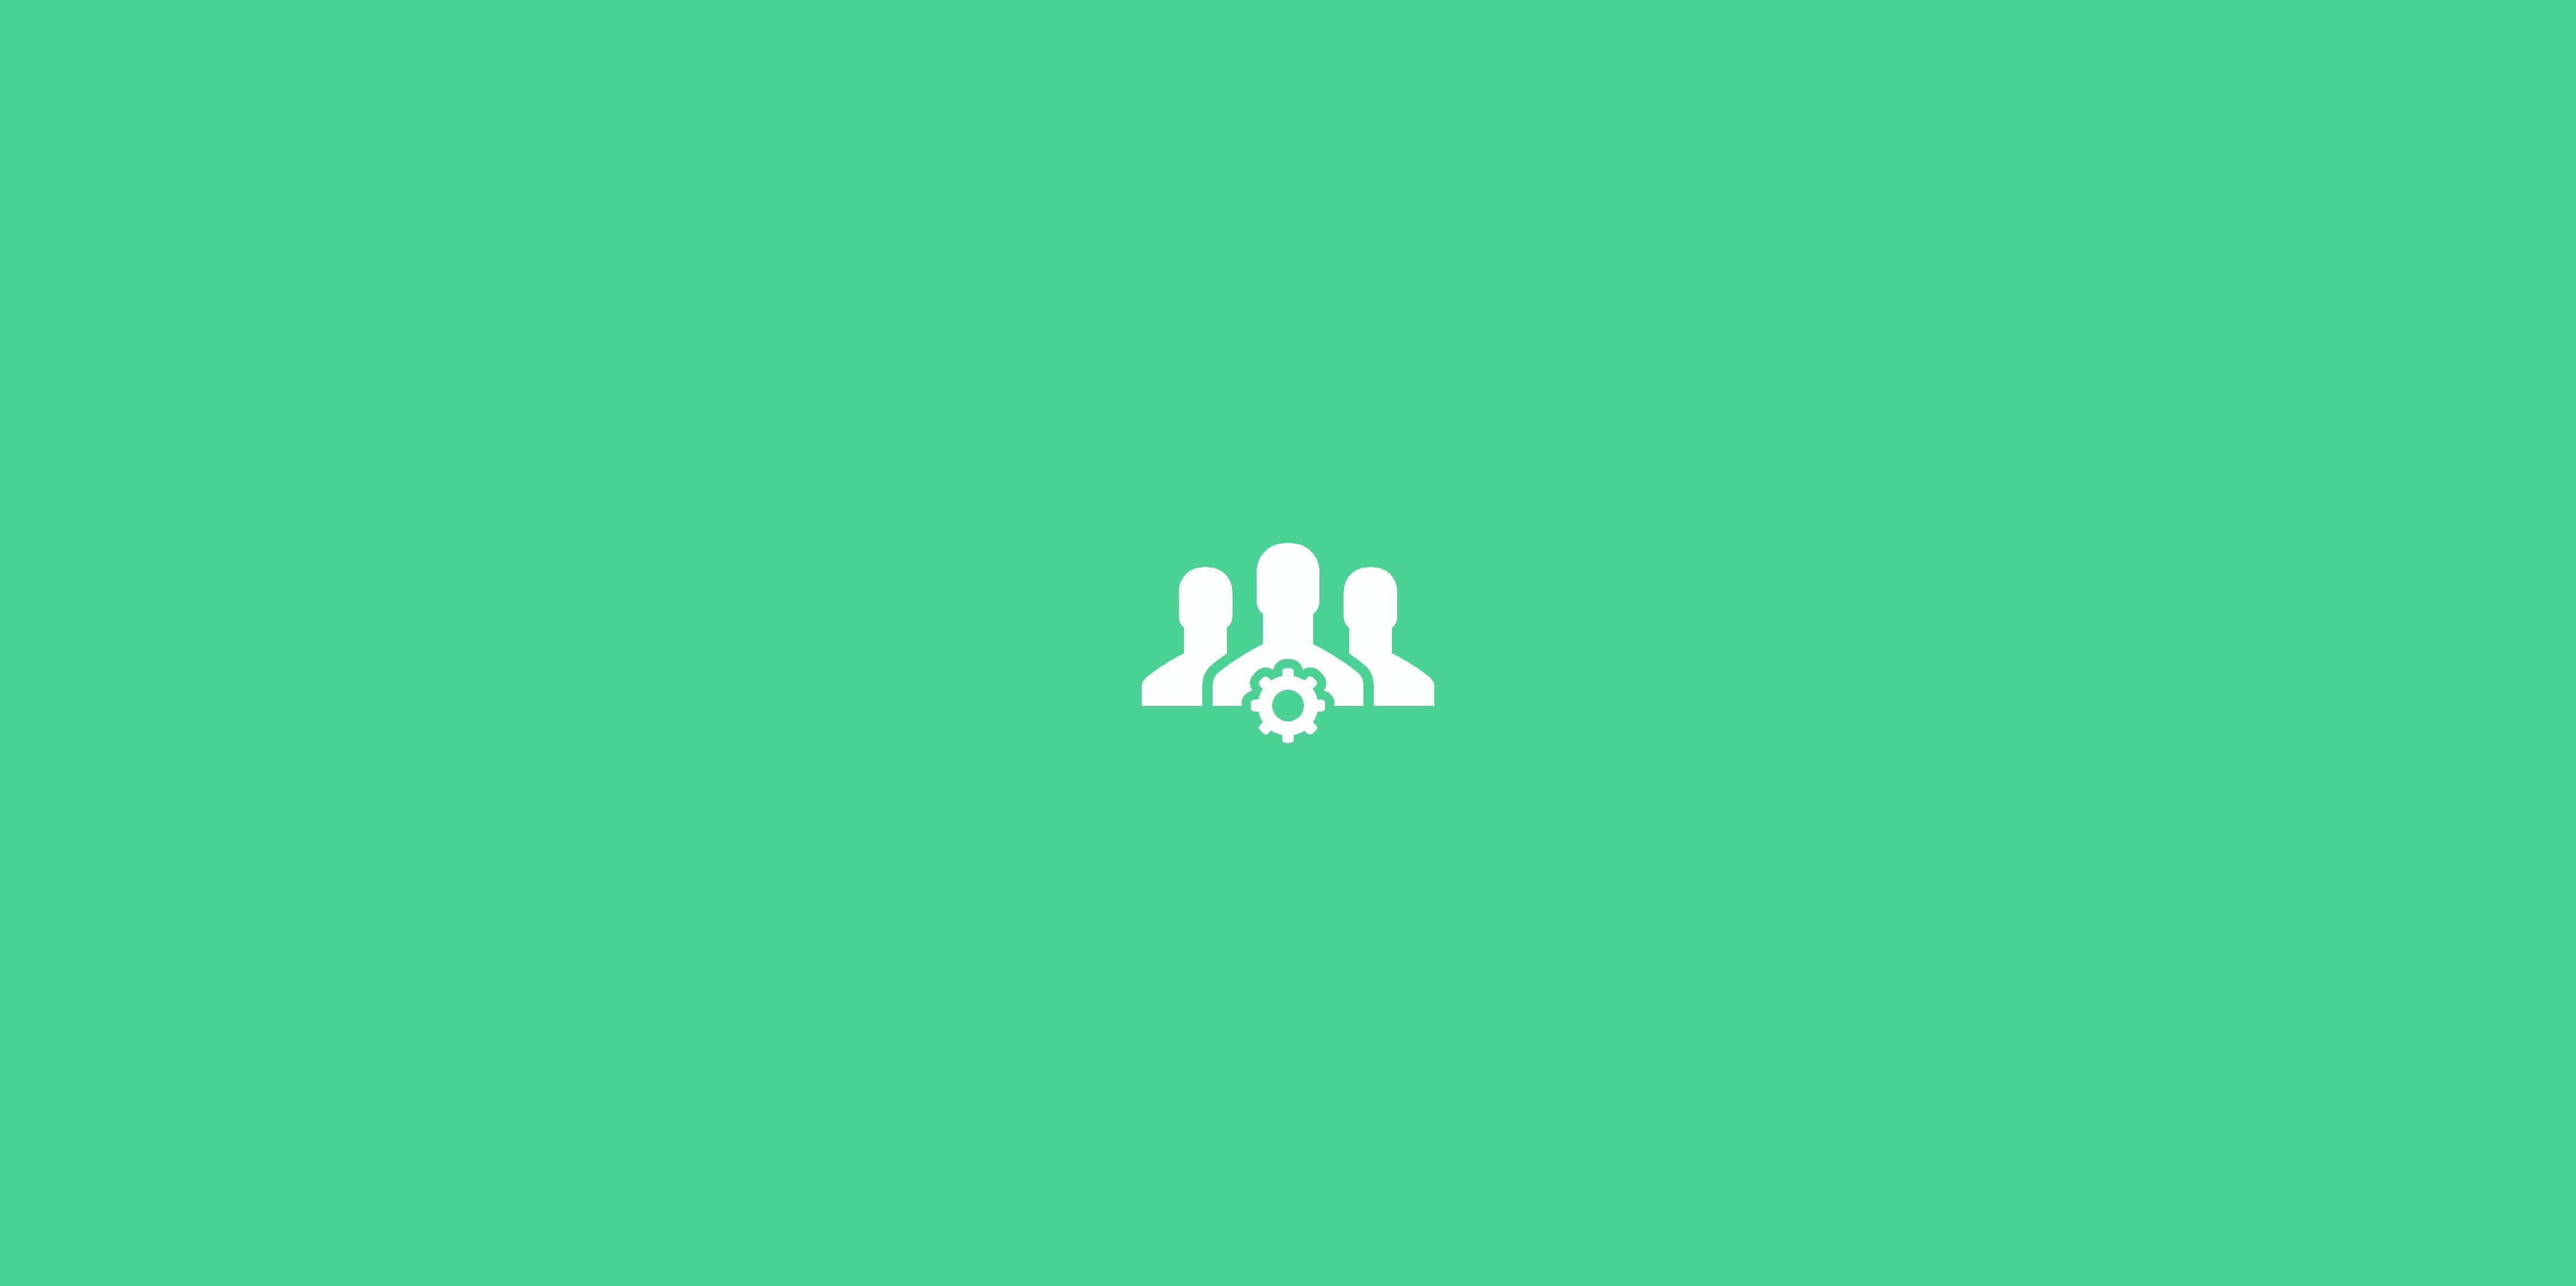 icone de clientes em fundo verde